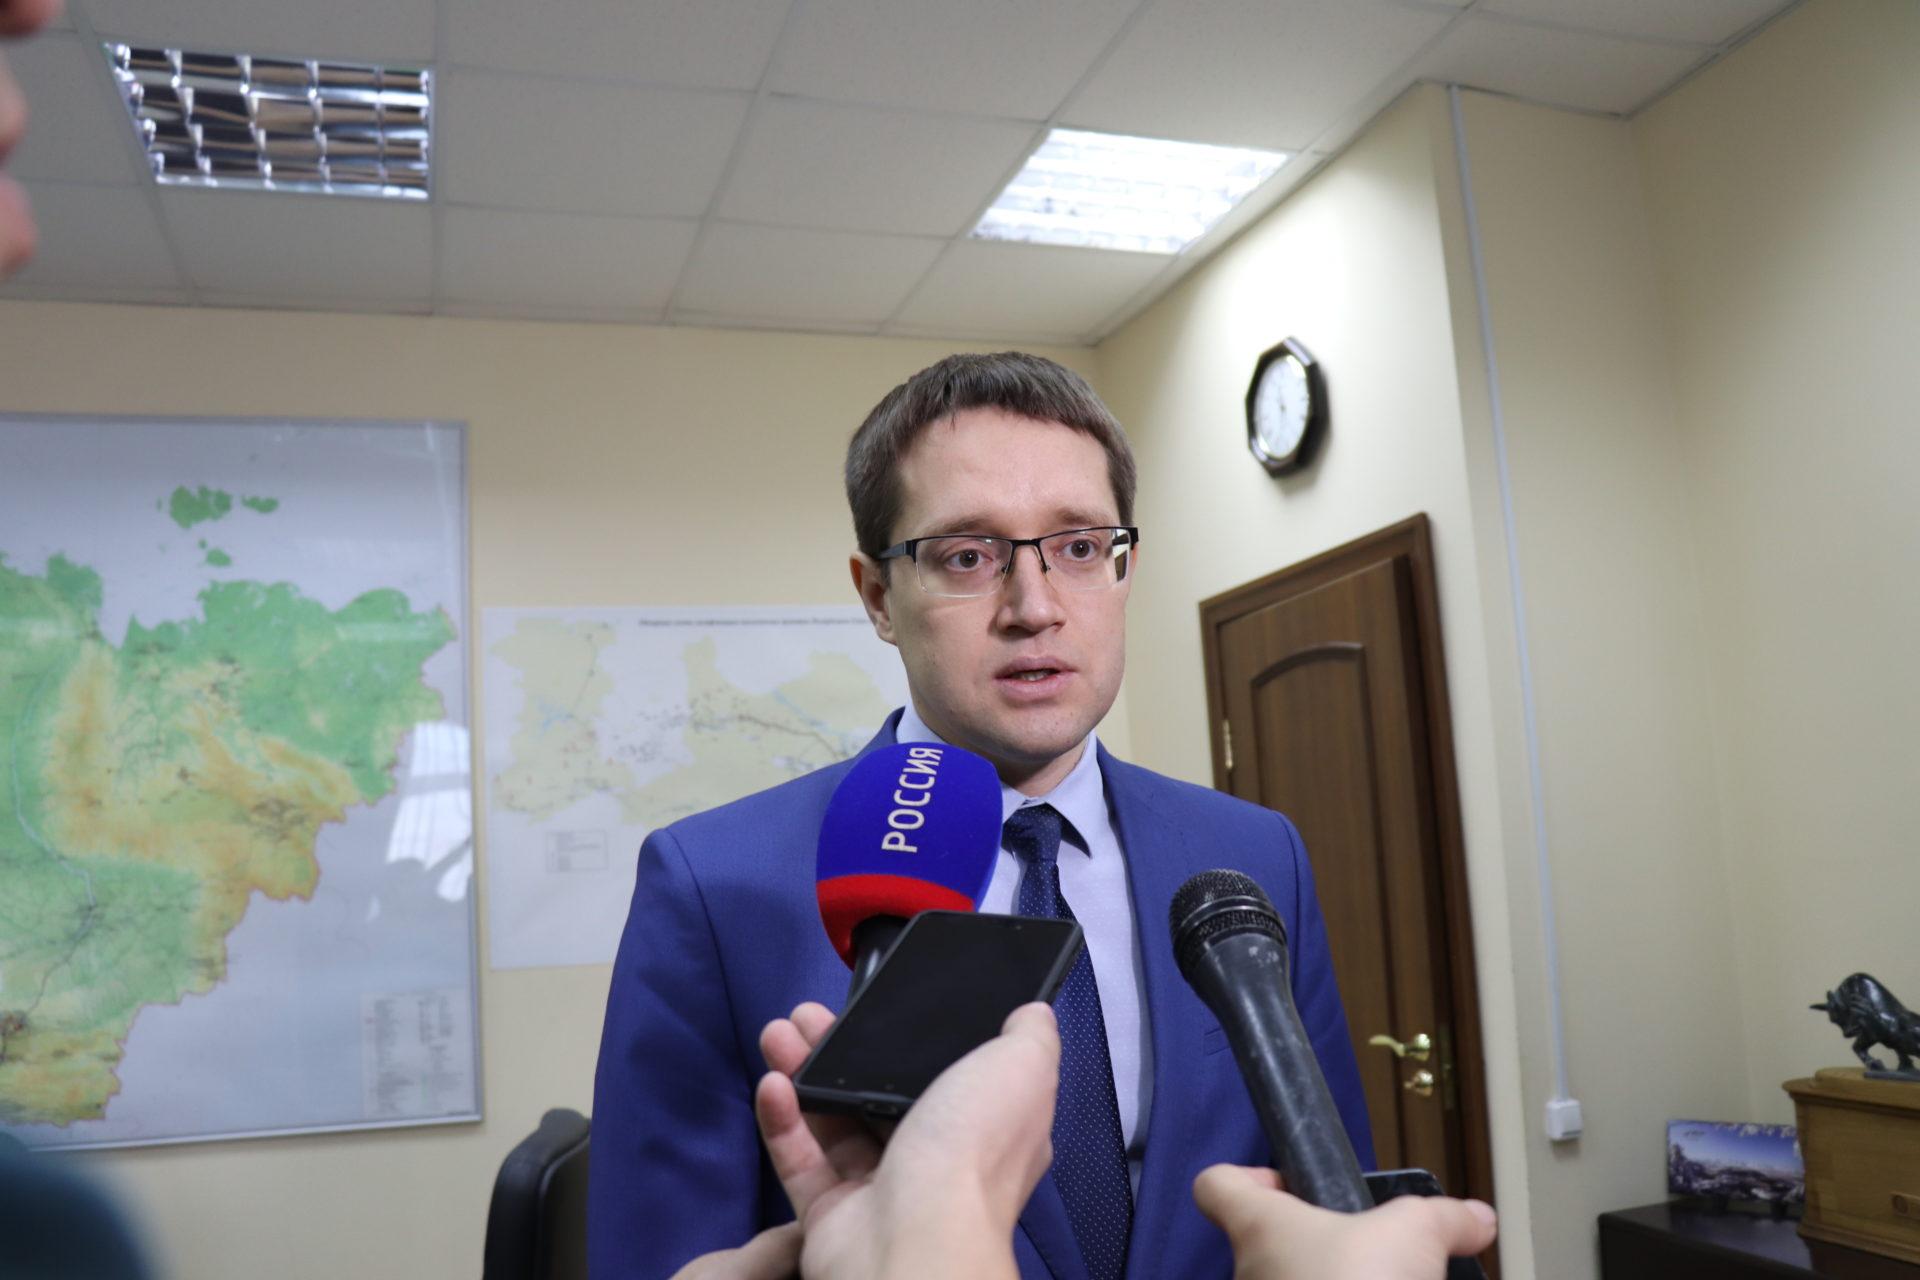 Министр промышленности Якутии Максим Терещенко выехал на шахту Денисовская, где произошло обрушение горной породы